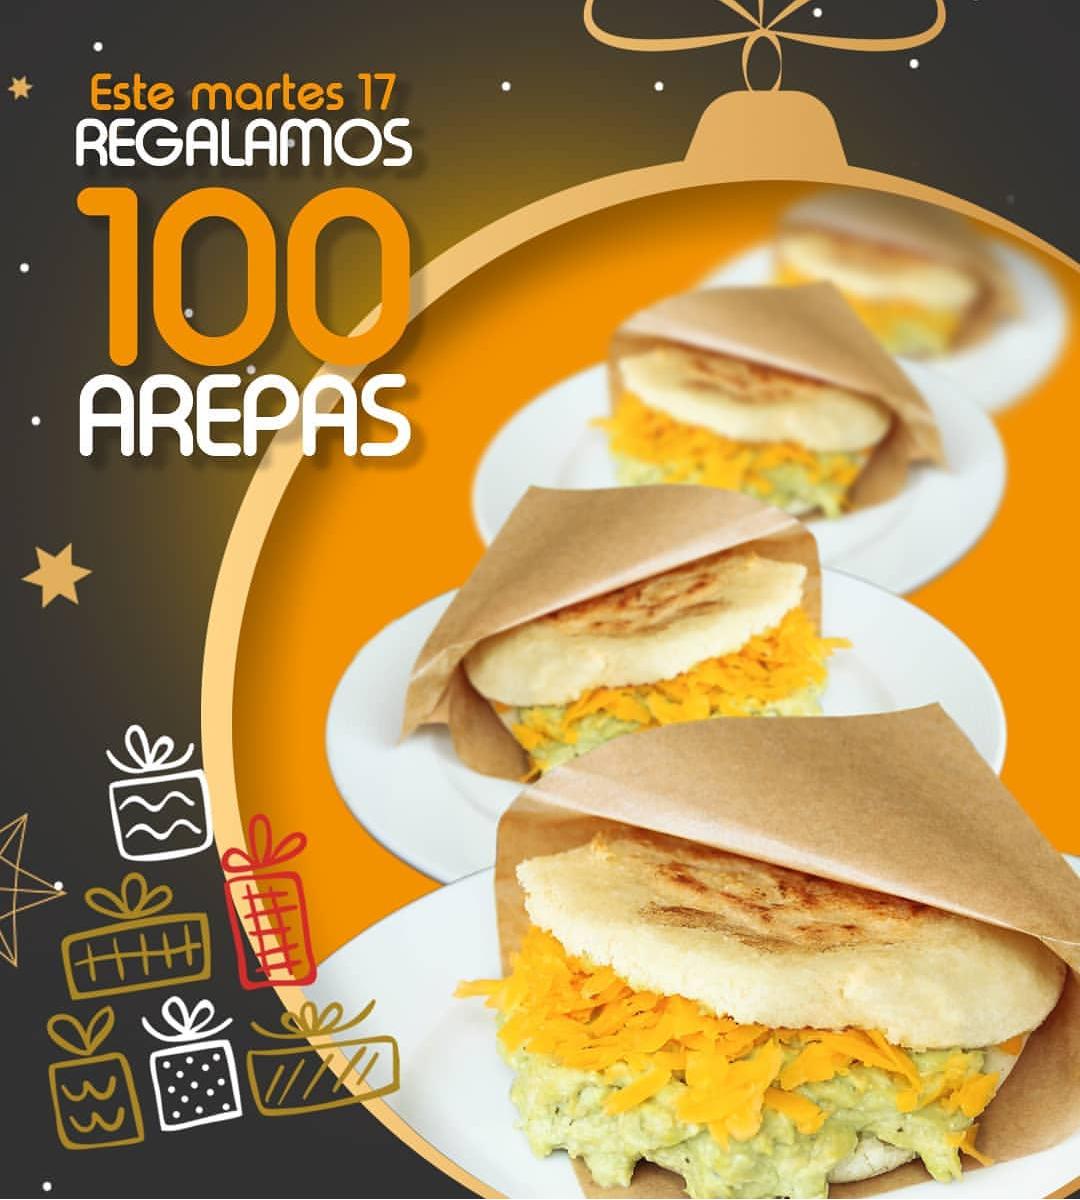 Arepa gratis en Tepuy burguer (Solo en Alicante)